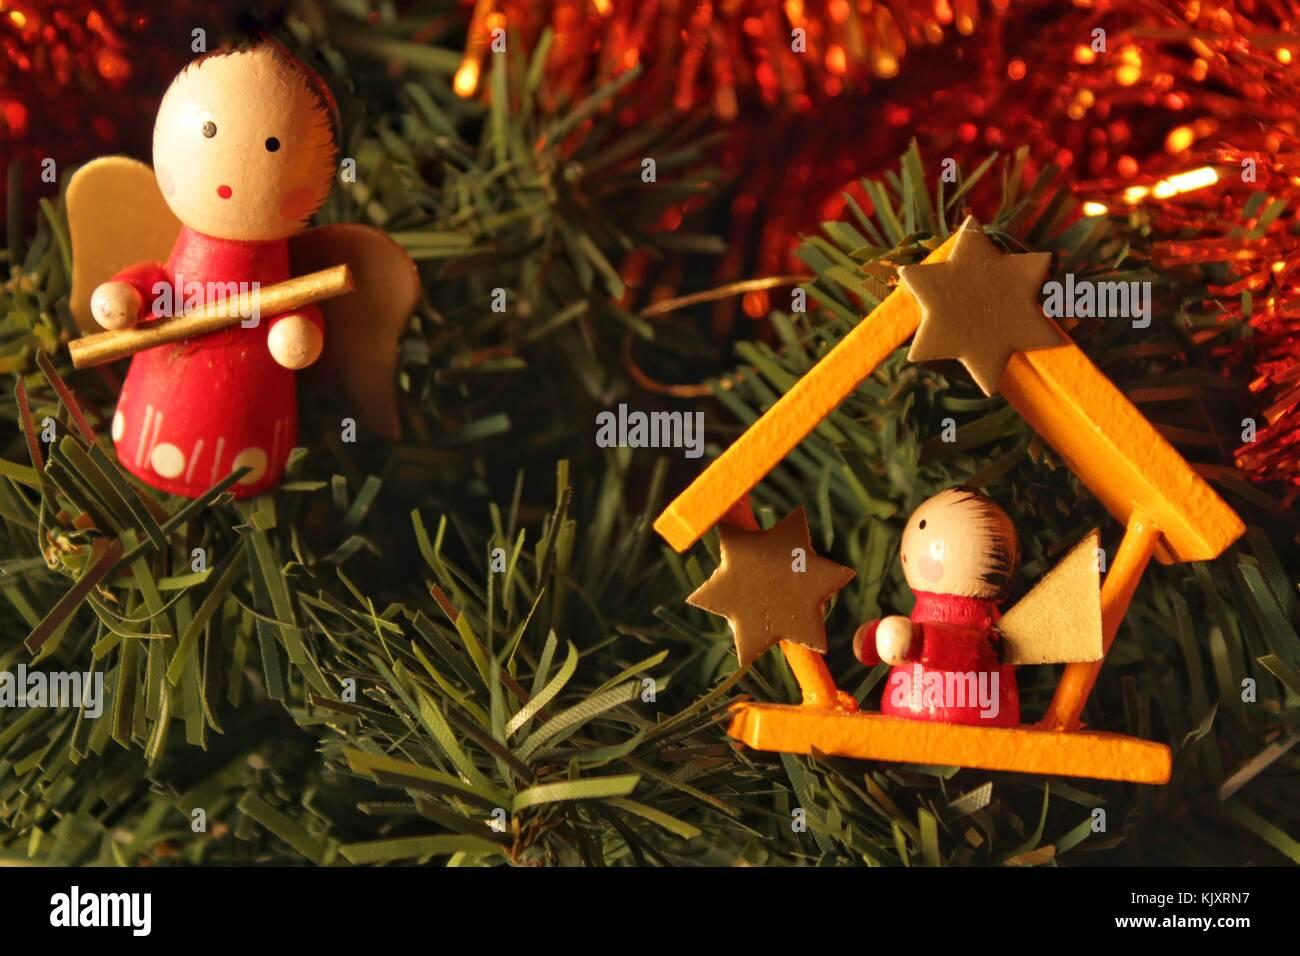 Decorazioni Per Casa Di Natale : Decorazione per albero di natale a casa foto & immagine stock